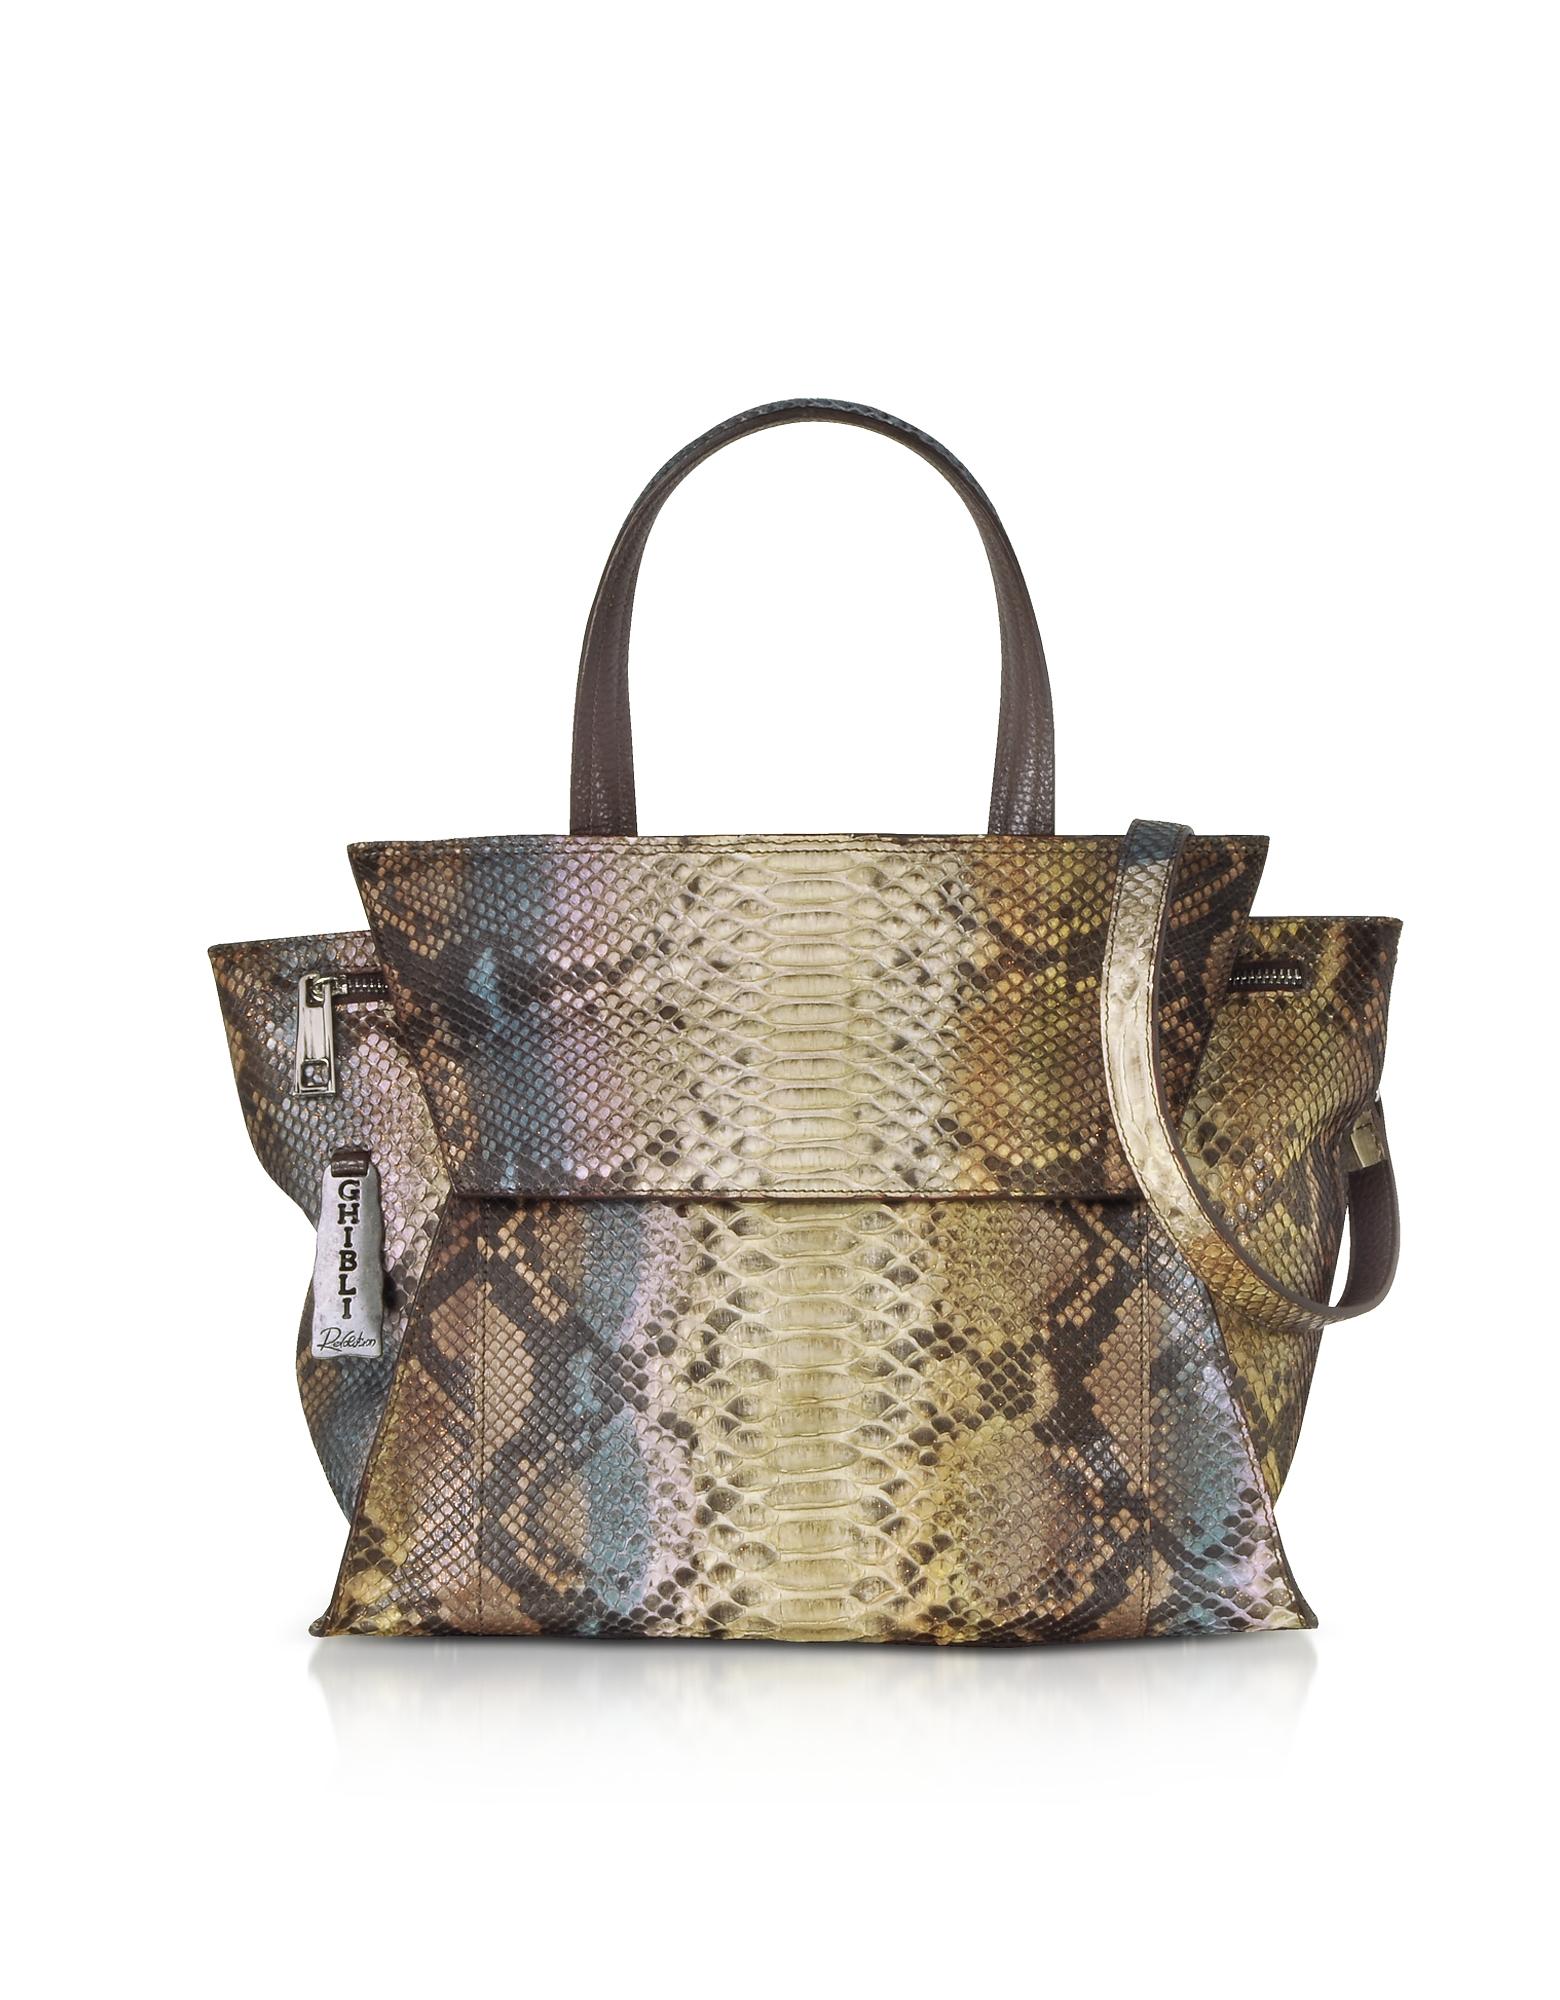 Image of Ghibli Designer Handbags, Brown Paillette Python Leather Satchel Bag w/Shoulder Strap